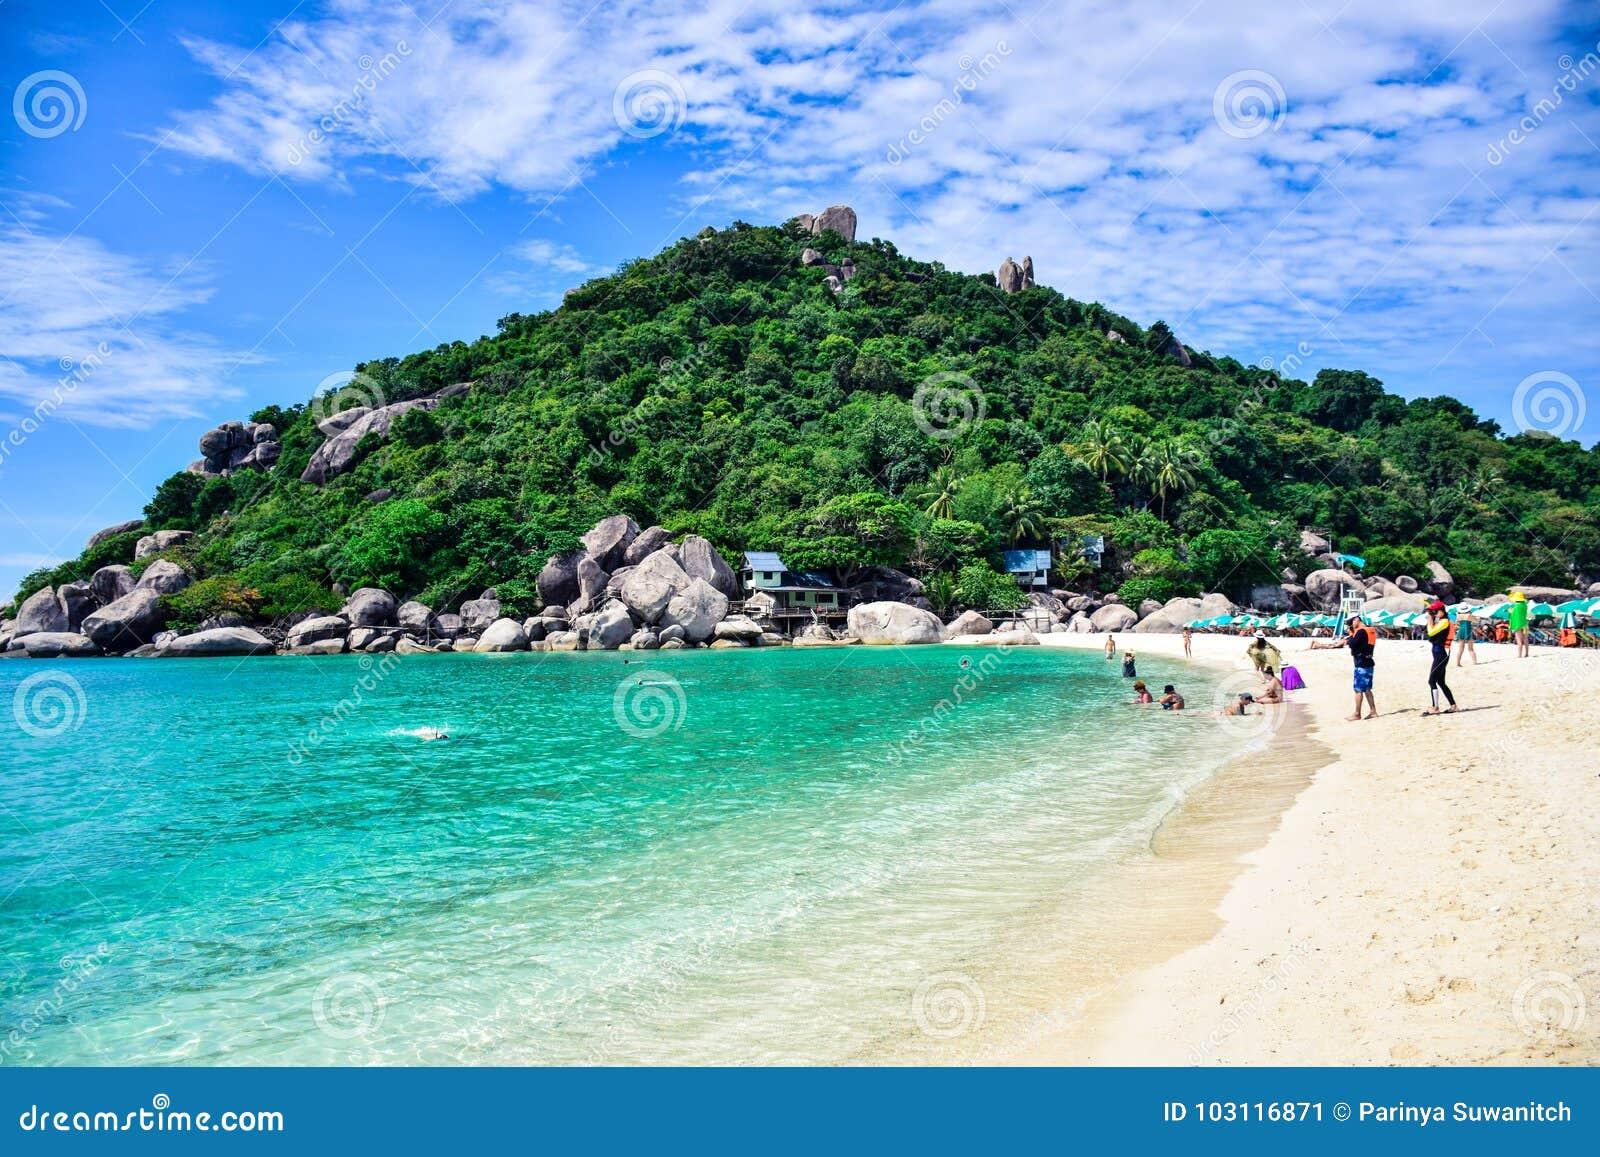 Härlig Thailand strand av den Nang Yuan ön, den populära turist- destinationen nära den Samui ön i golf av Thailand